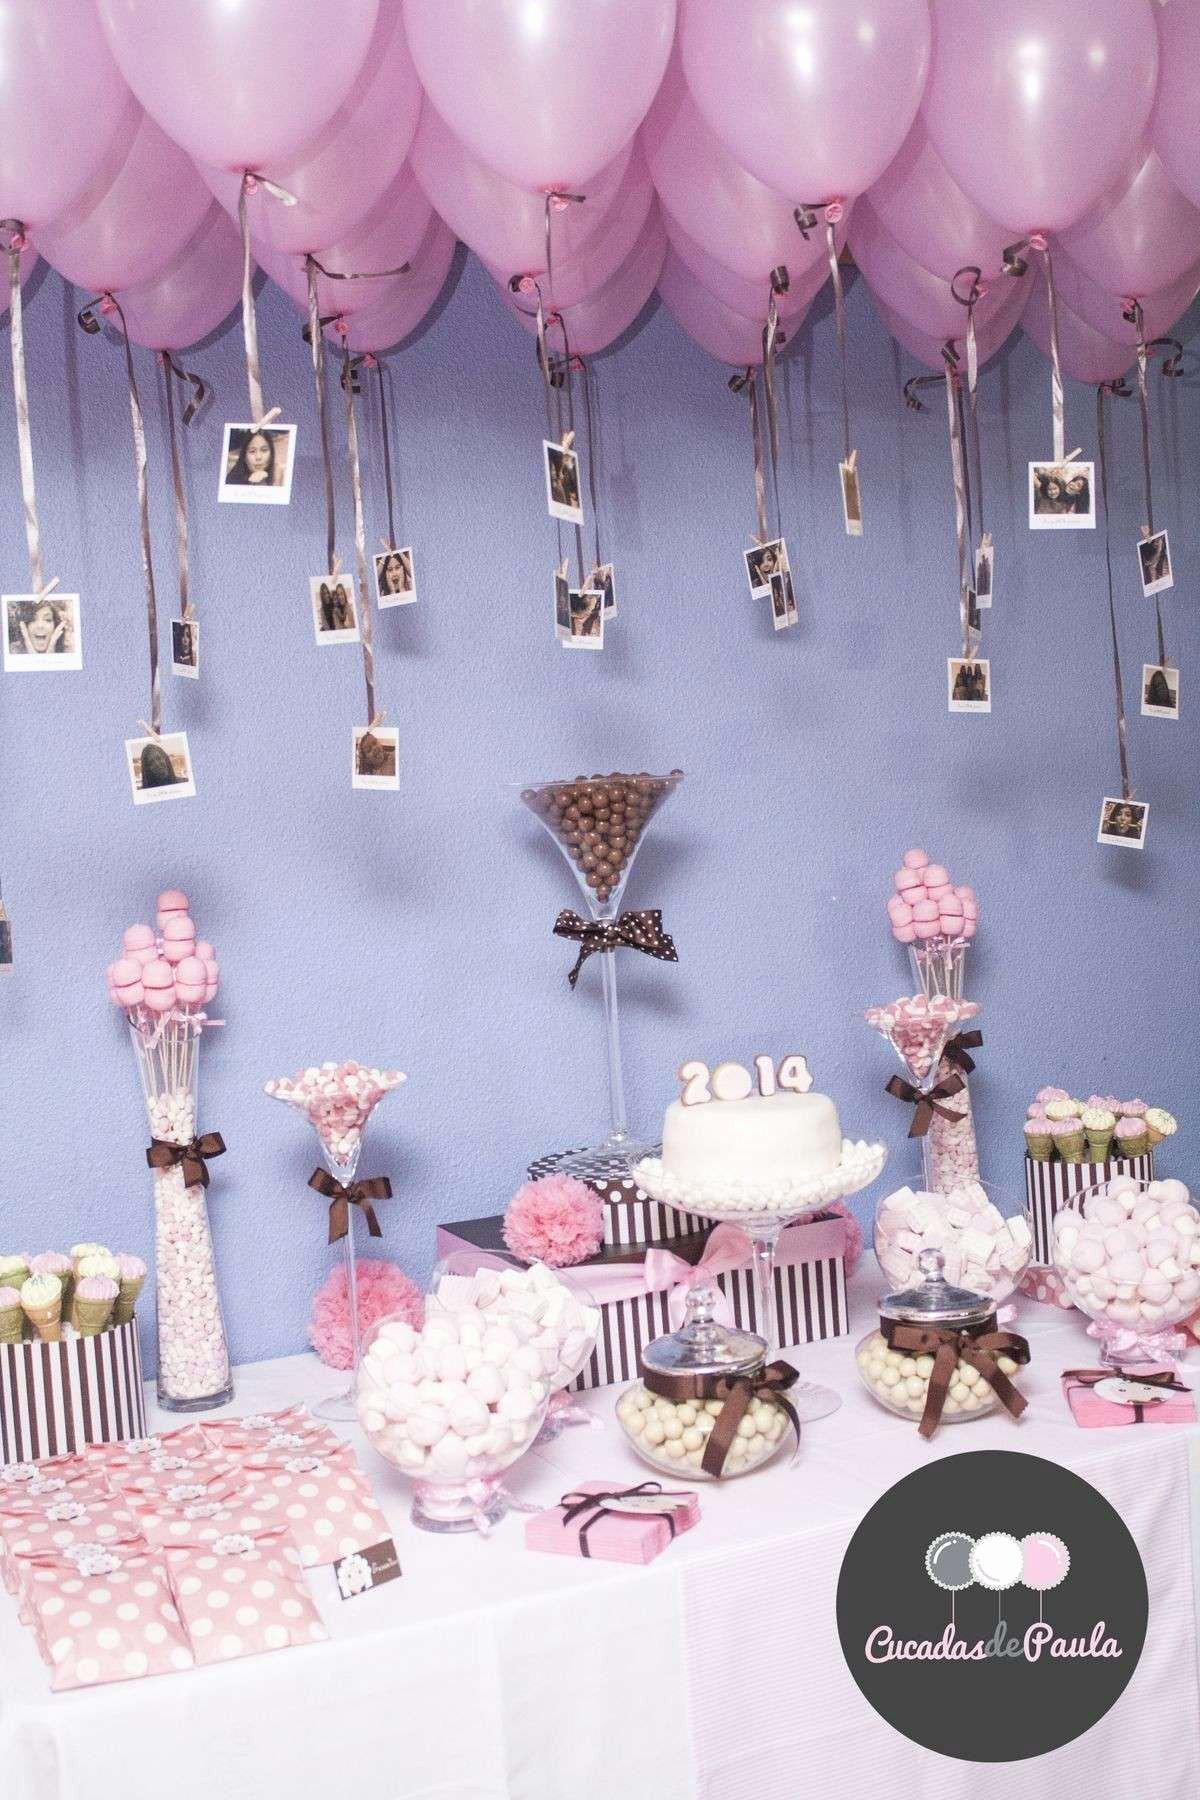 Best First Birthday Decoration Ideas Best Of Inspirational Decoration Ideas 1st Birthday Party